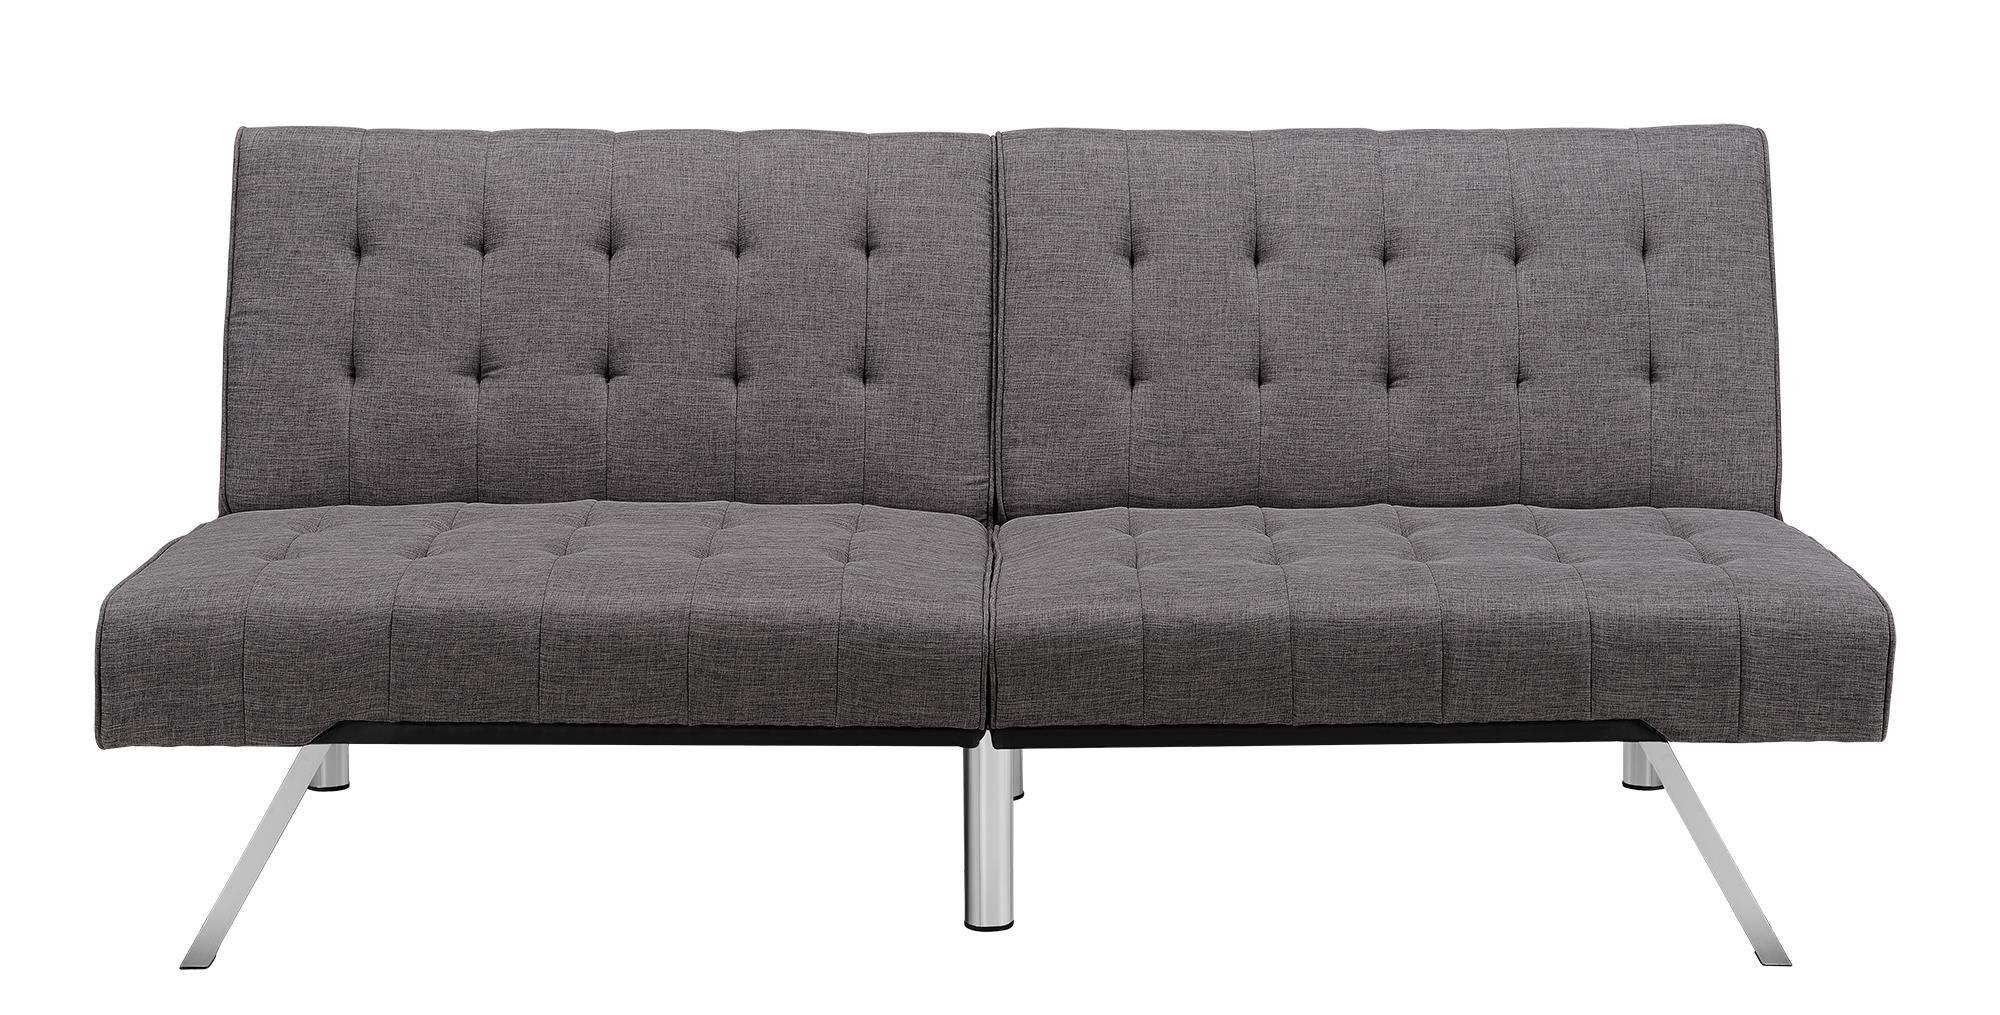 Miraculous Amazon Com Dhp Emily Splitback Futon Vanilla Furniture Inzonedesignstudio Interior Chair Design Inzonedesignstudiocom